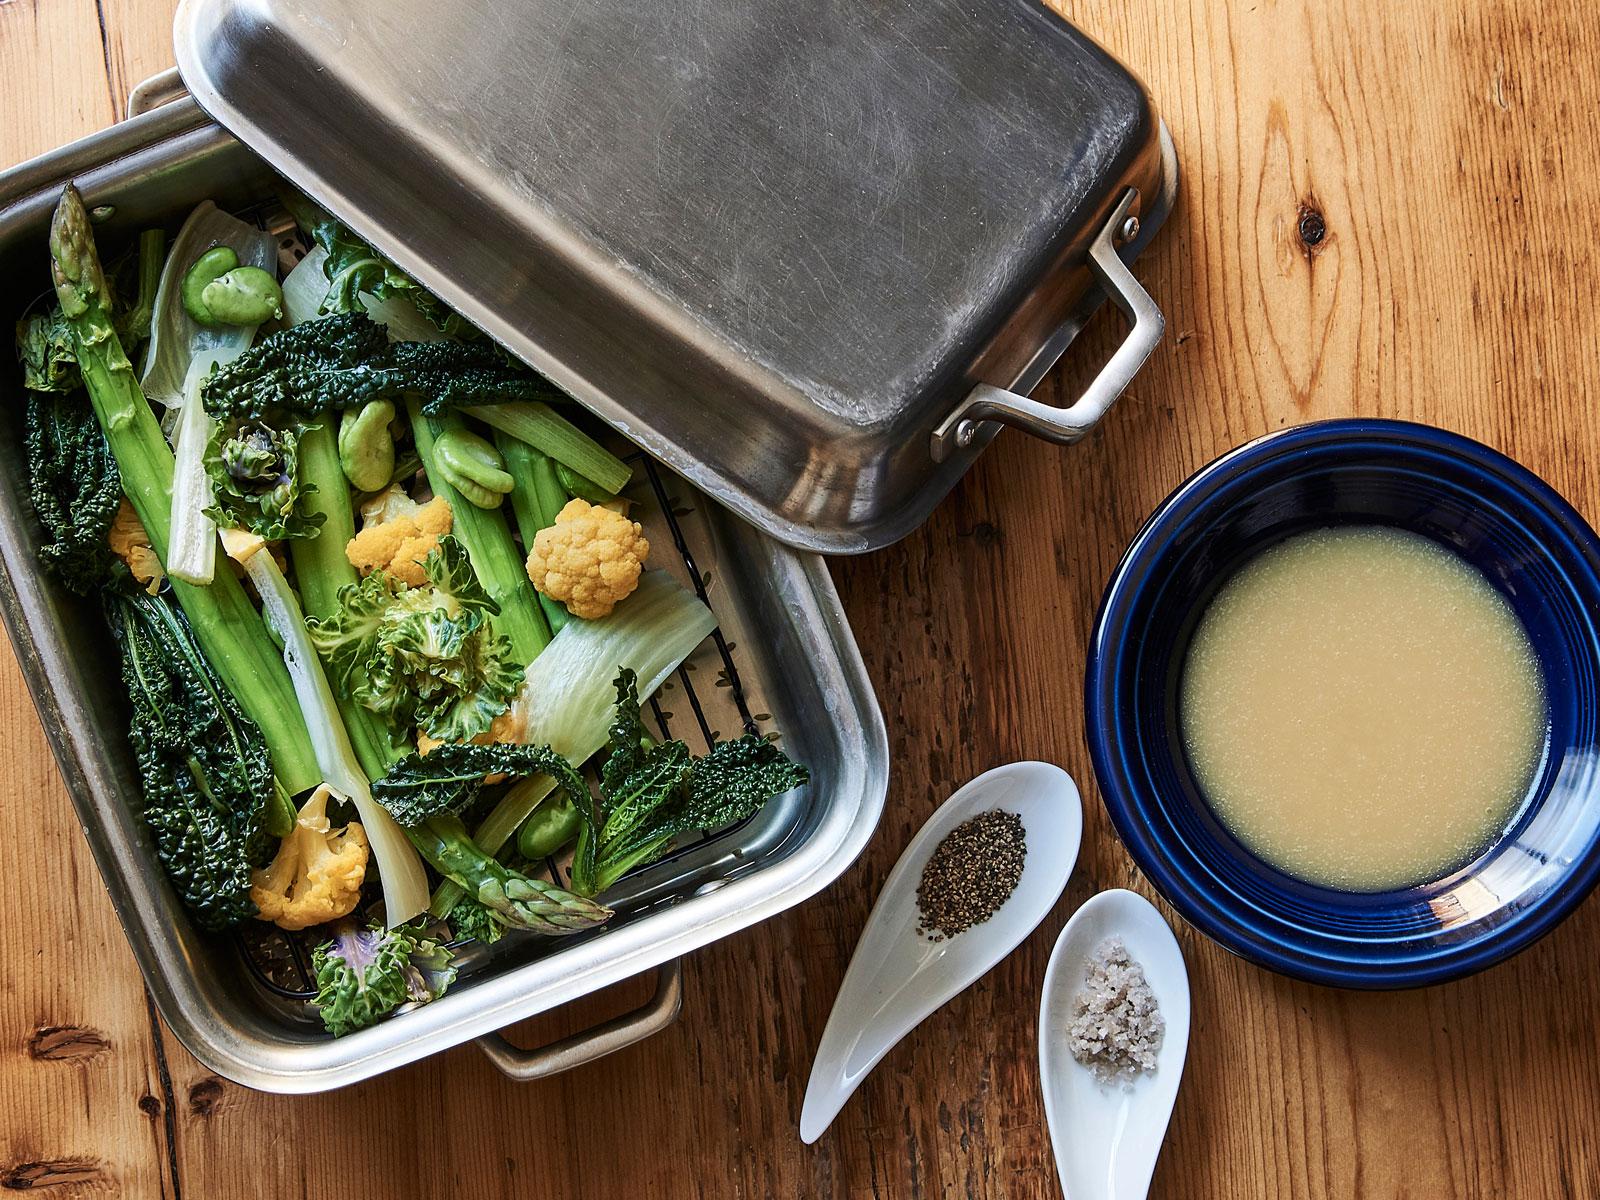 春野菜のブレゼのレシピ